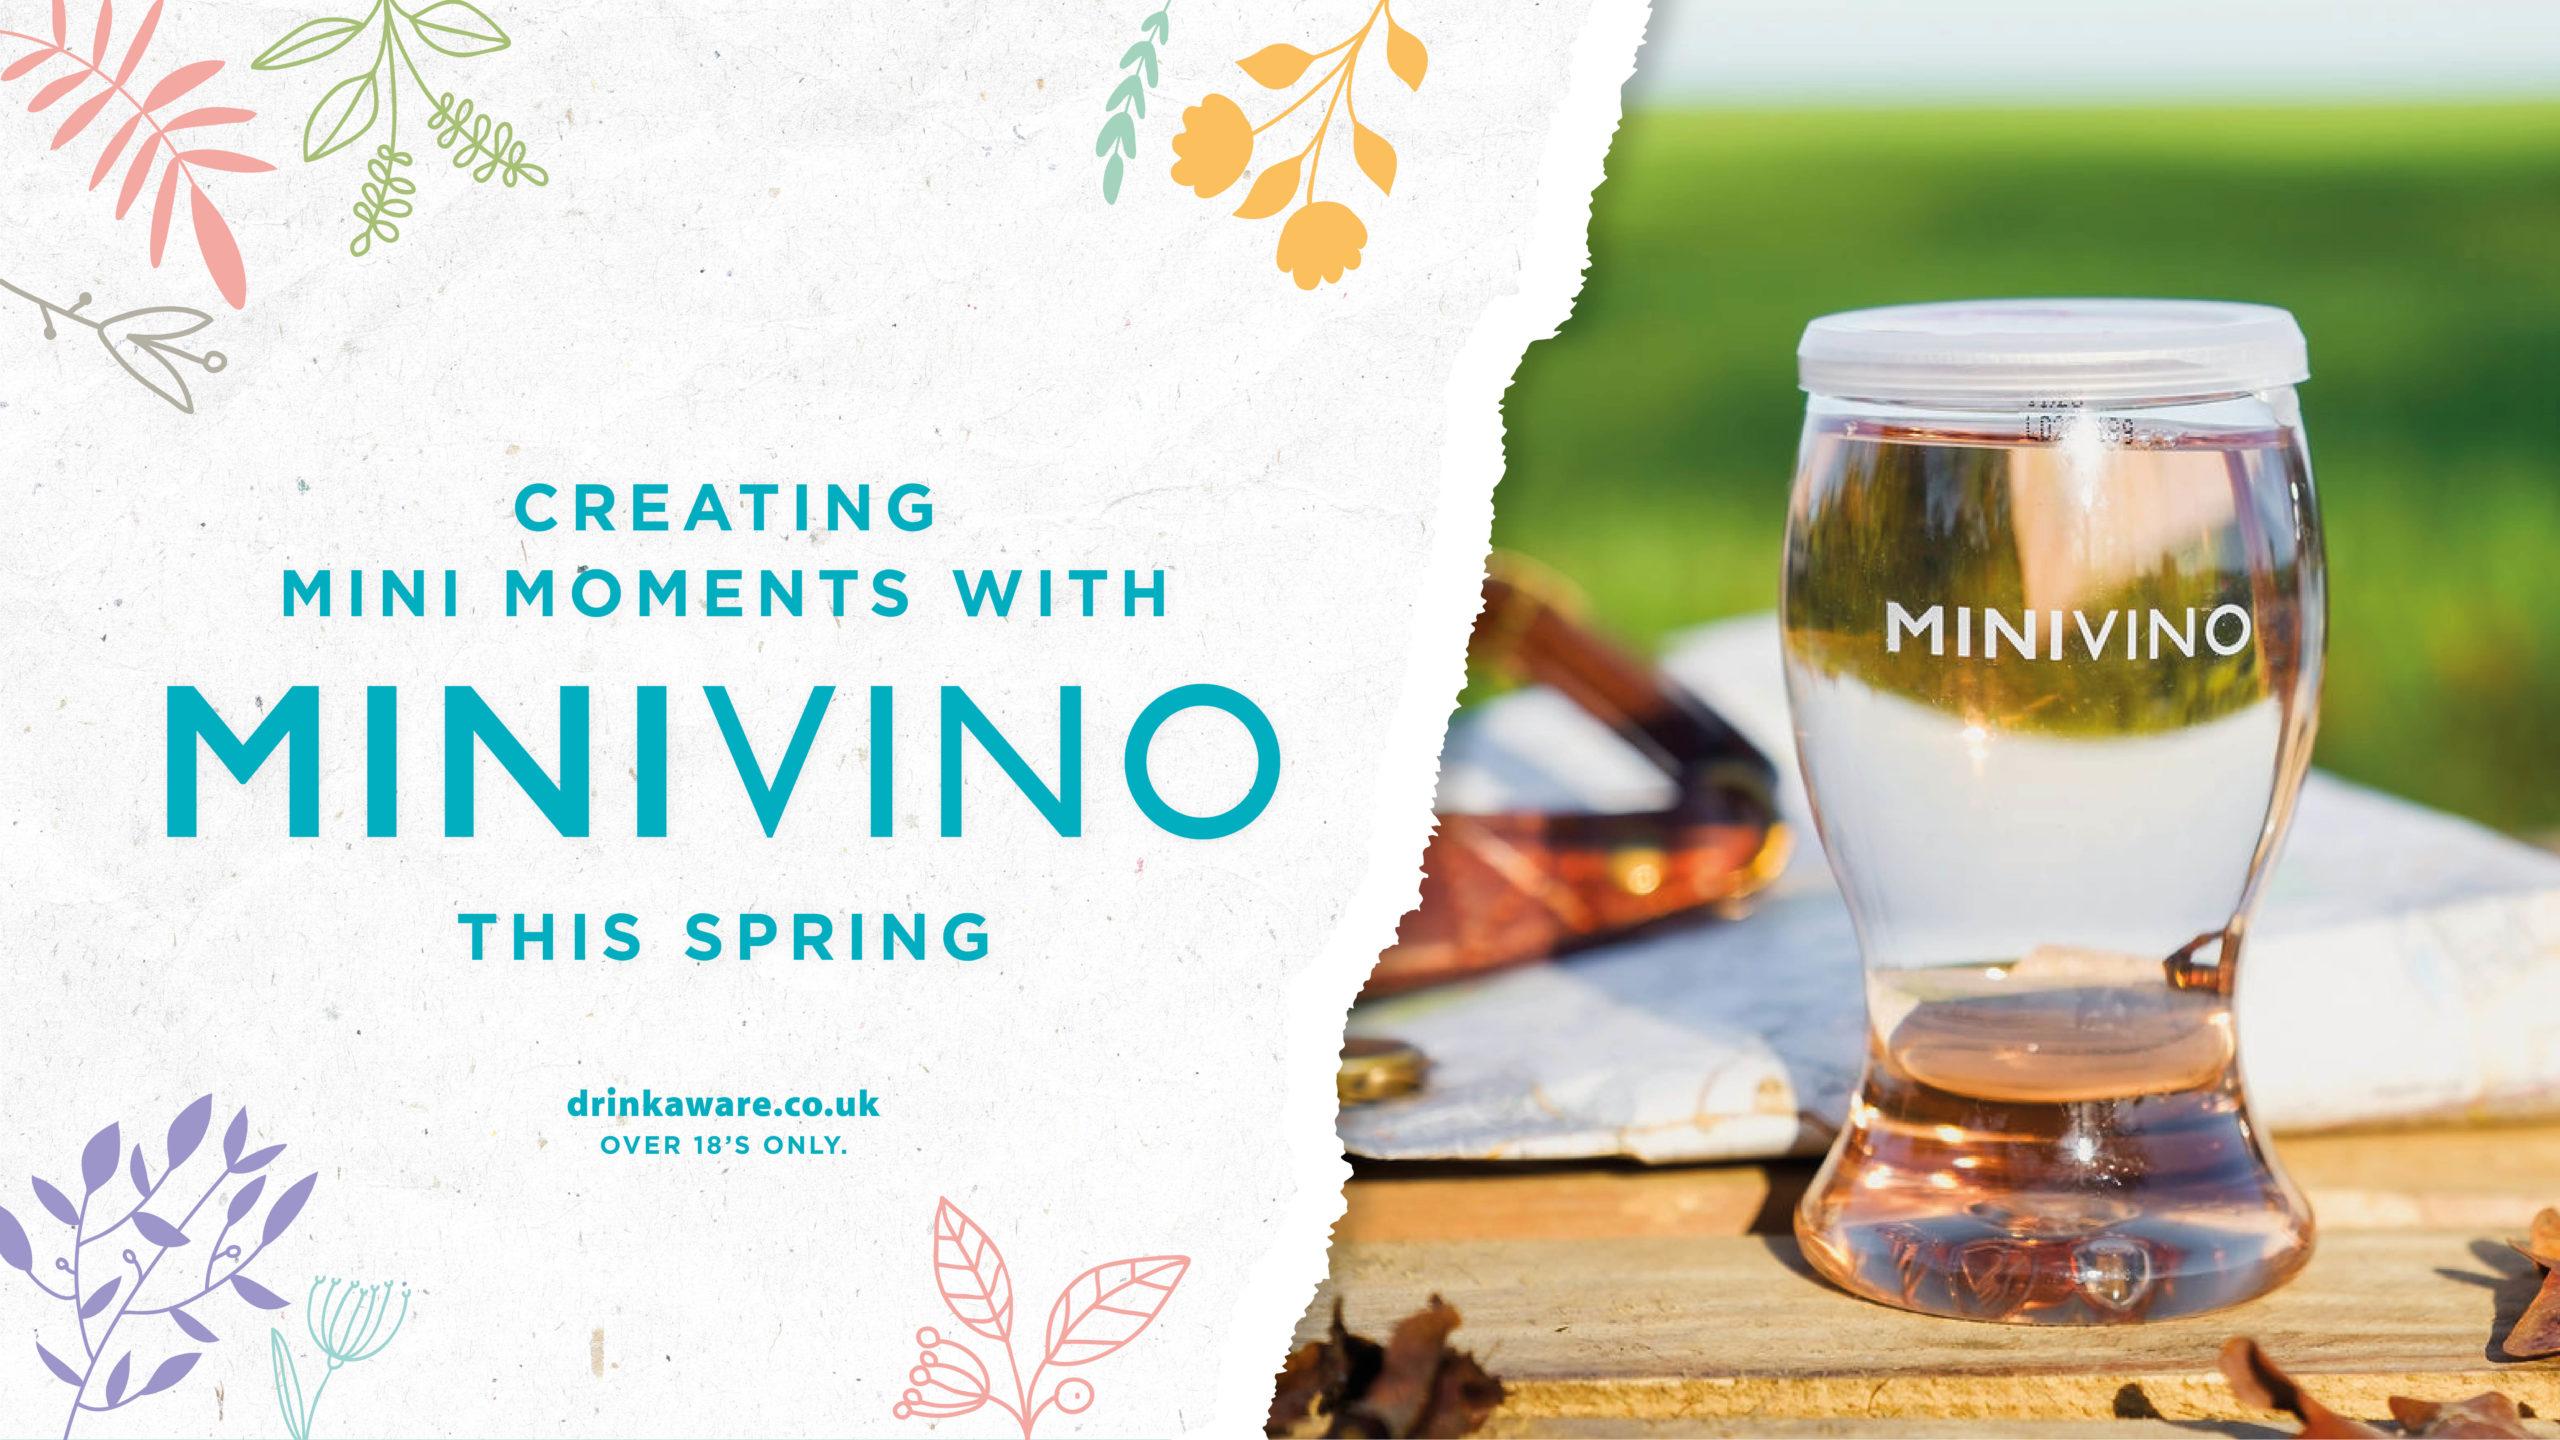 MINIVINO wines